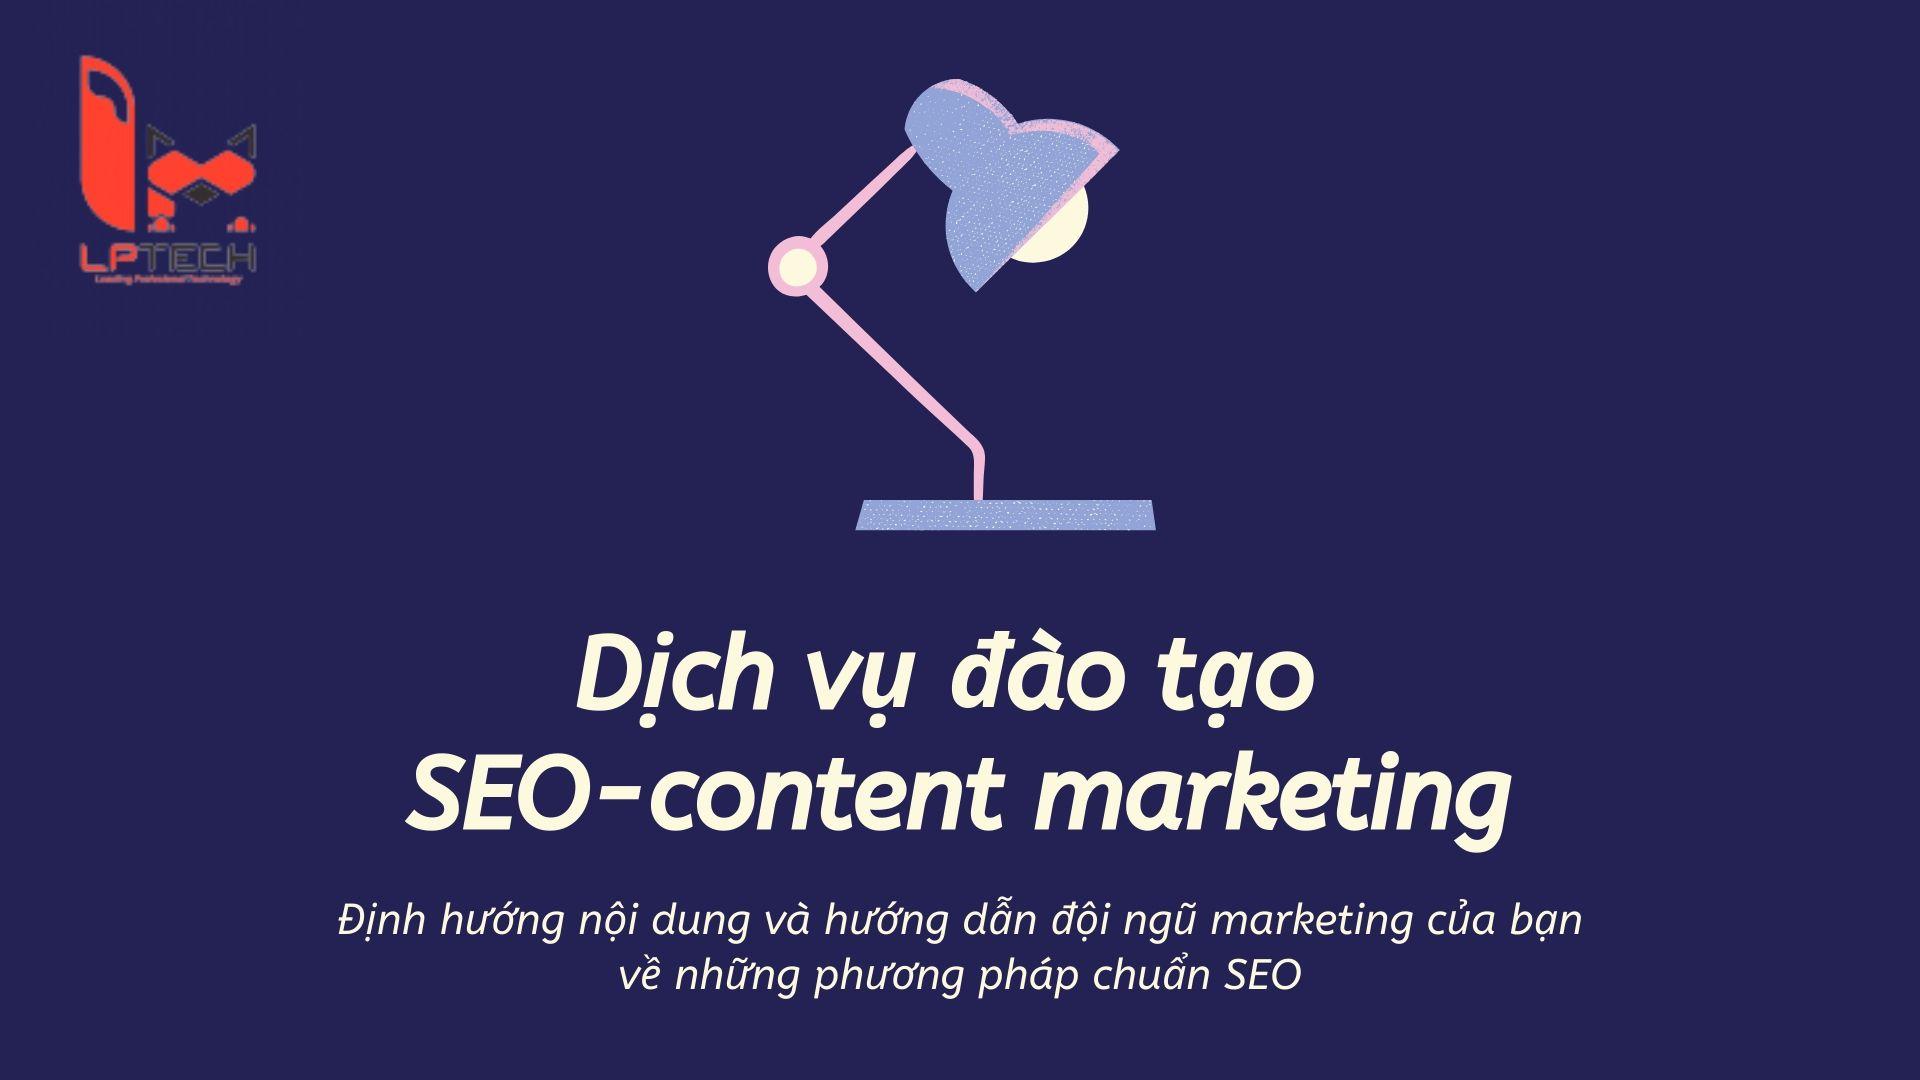 Dịch vụ đào tạo SEO content marketing của LP Tech